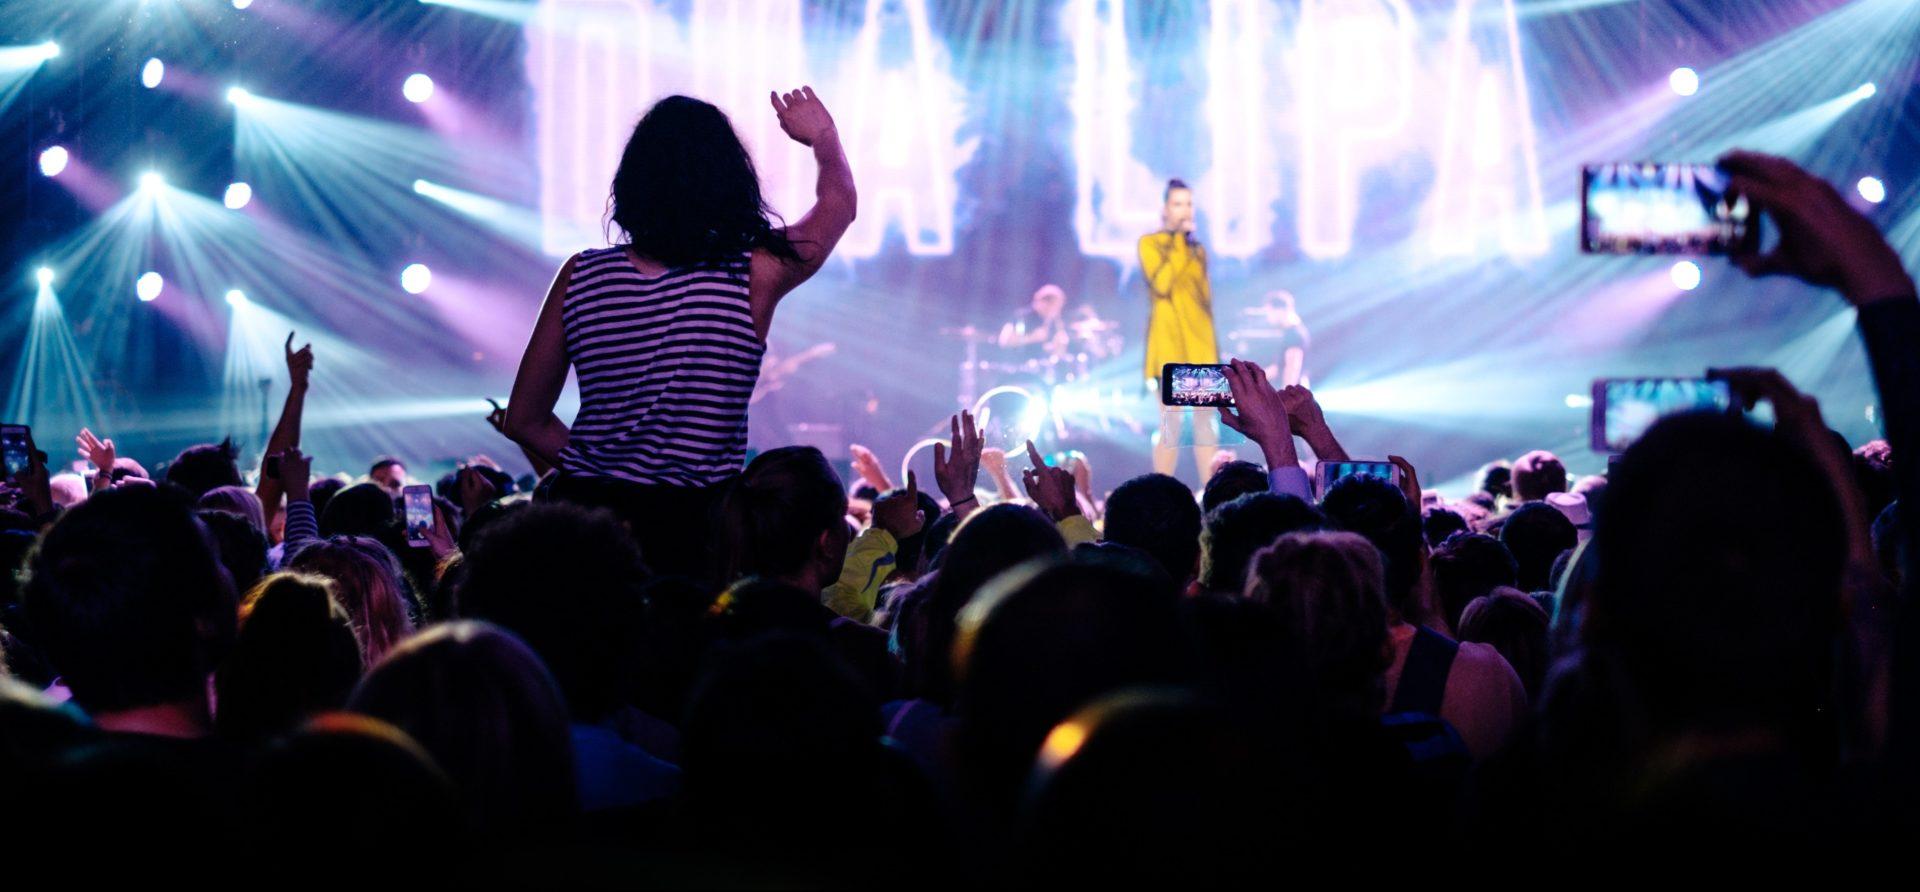 concet-millennial-enjoy-music-resource-bbva